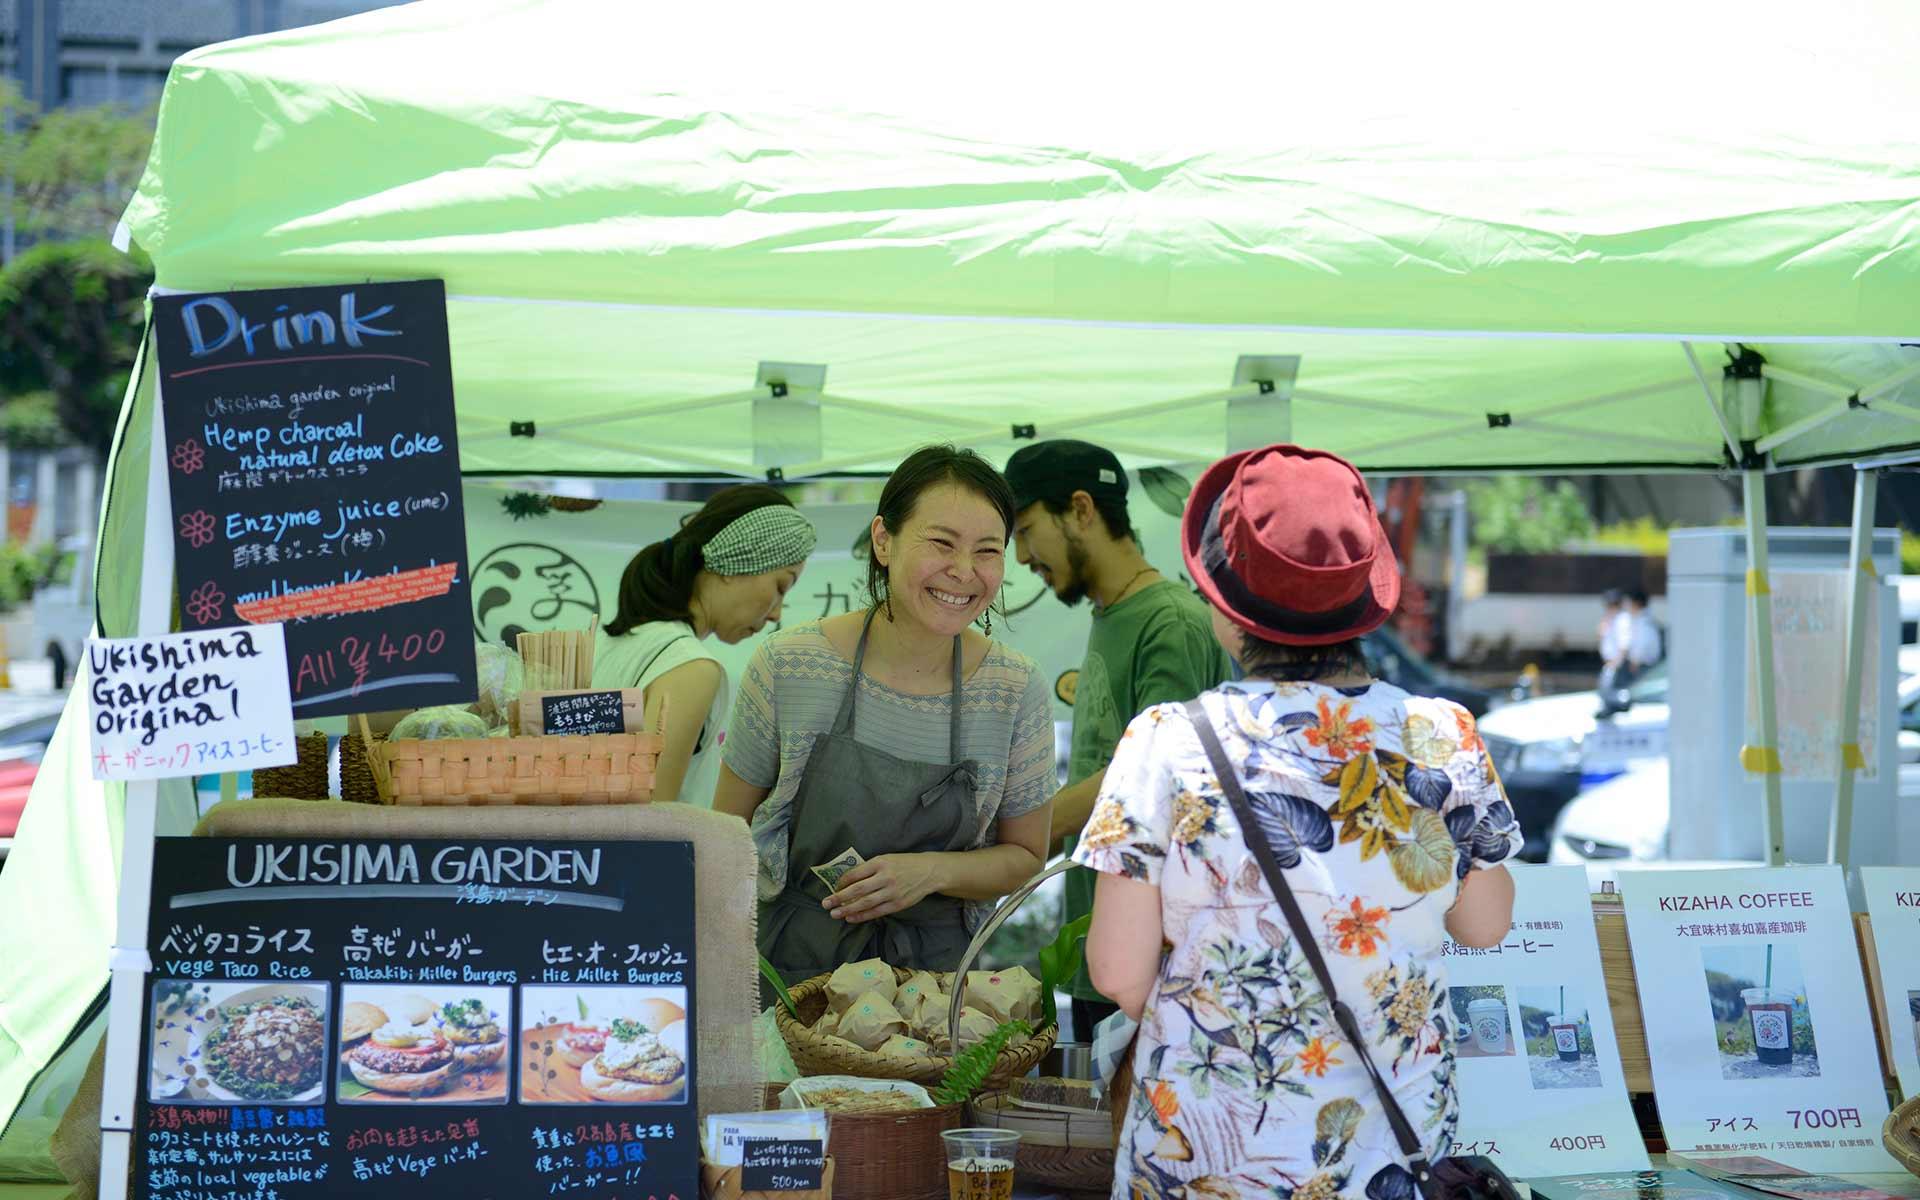 沖縄のおいしいが大集合。まーさんマルシェには沖縄の食の未来がある